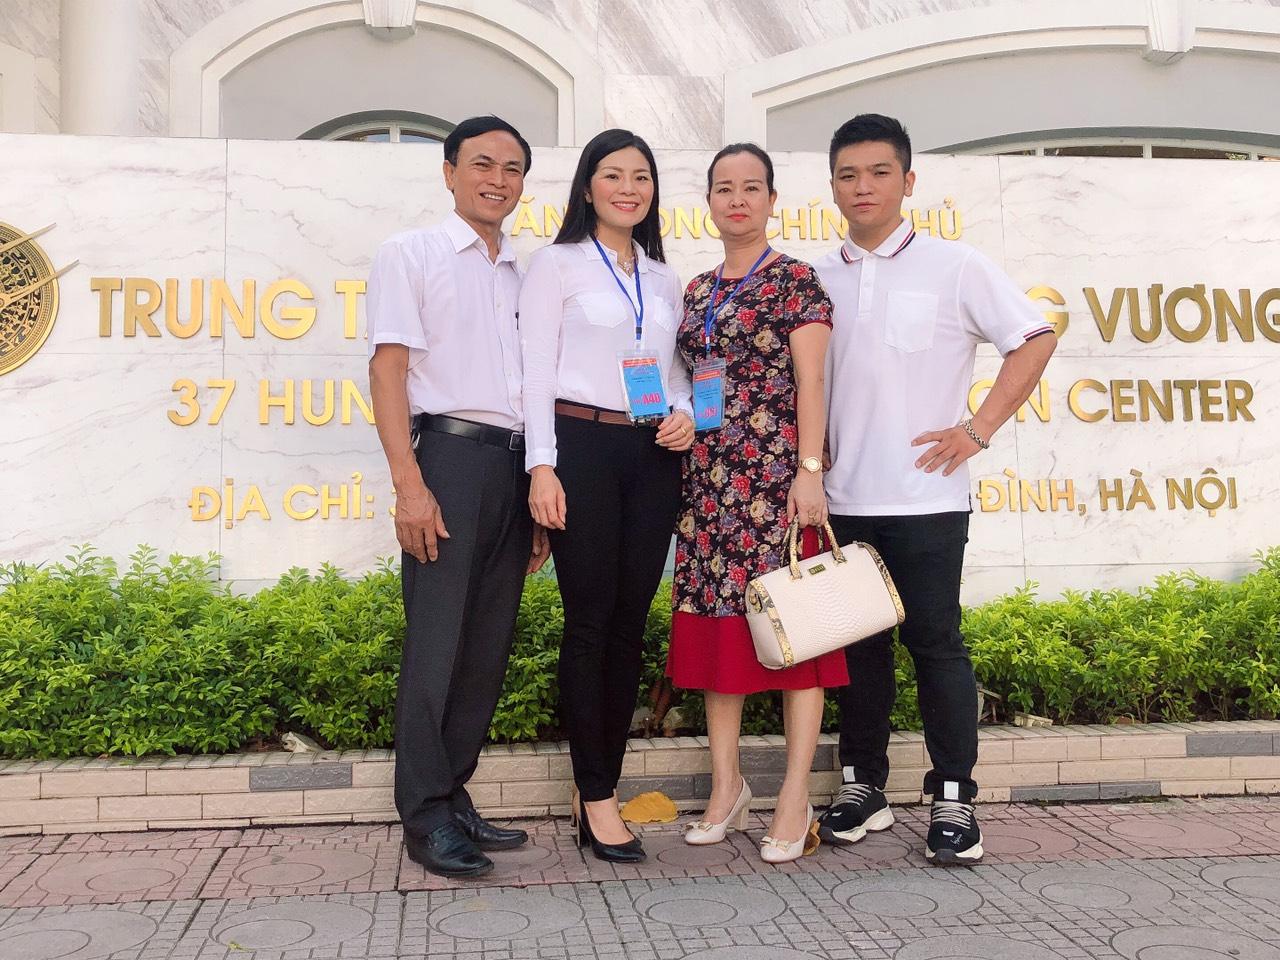 Á hậu doanh nhân Mai Vũ hướng về tháng bảy tri ân  - Ảnh 3